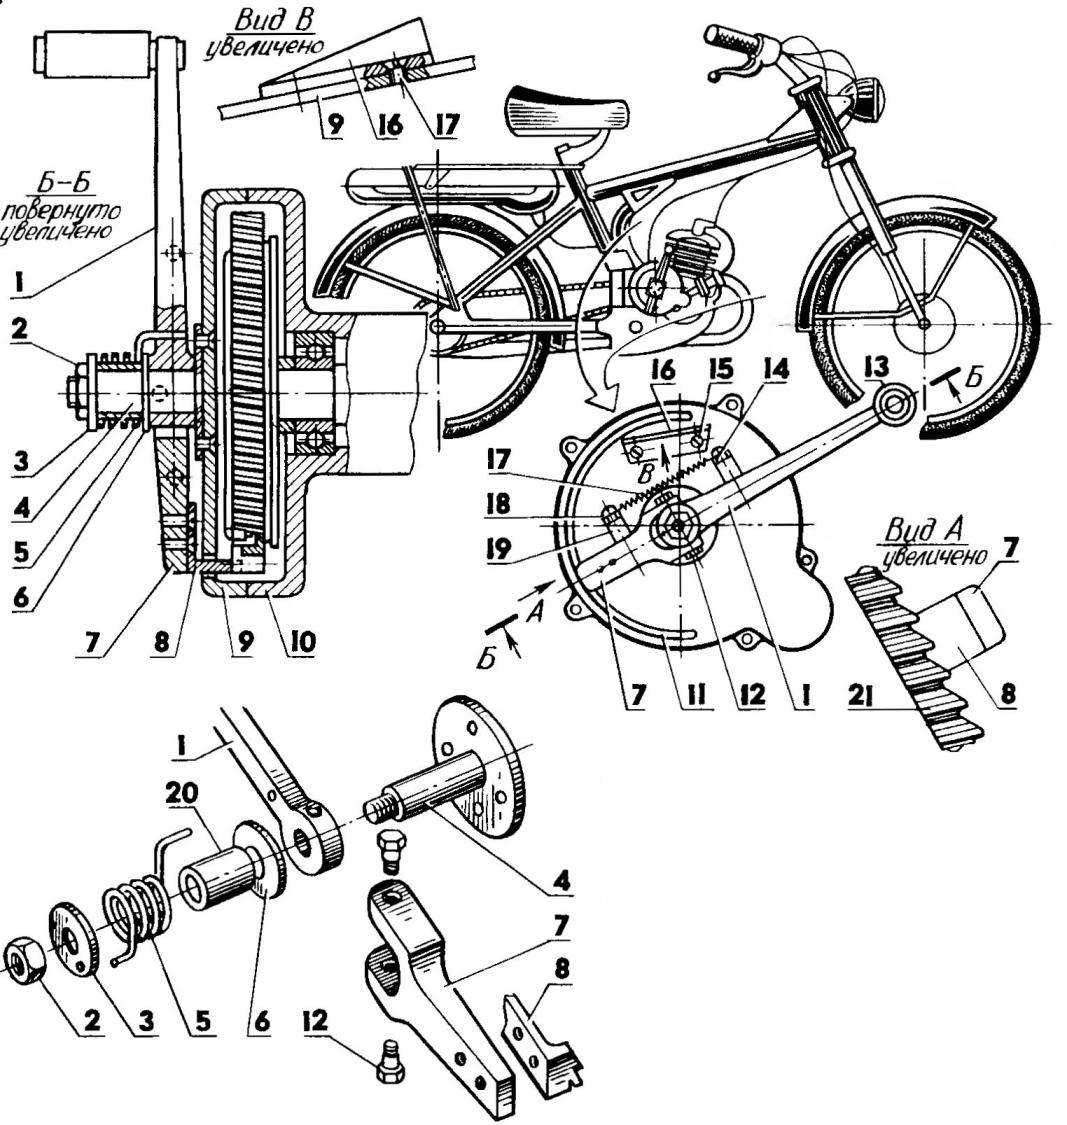 Kick starter for mopeds